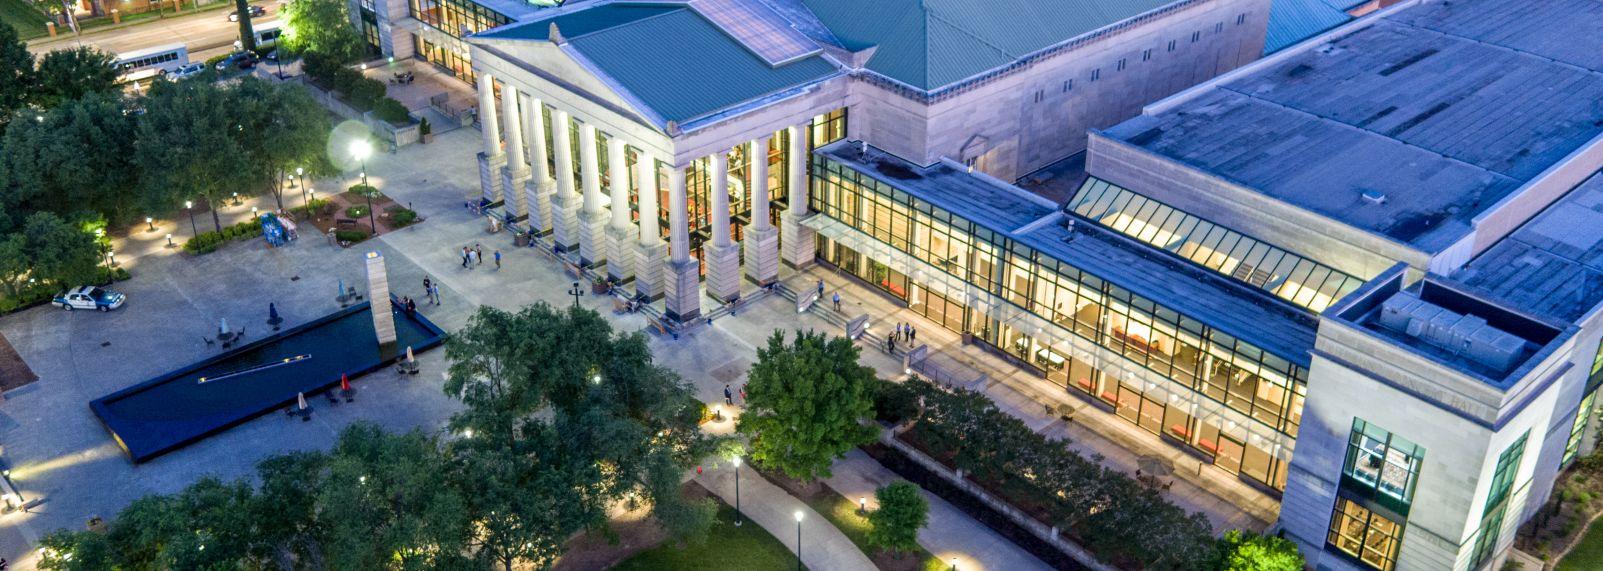 Duke Energy Center for the Performing Arts 35-203.jpg